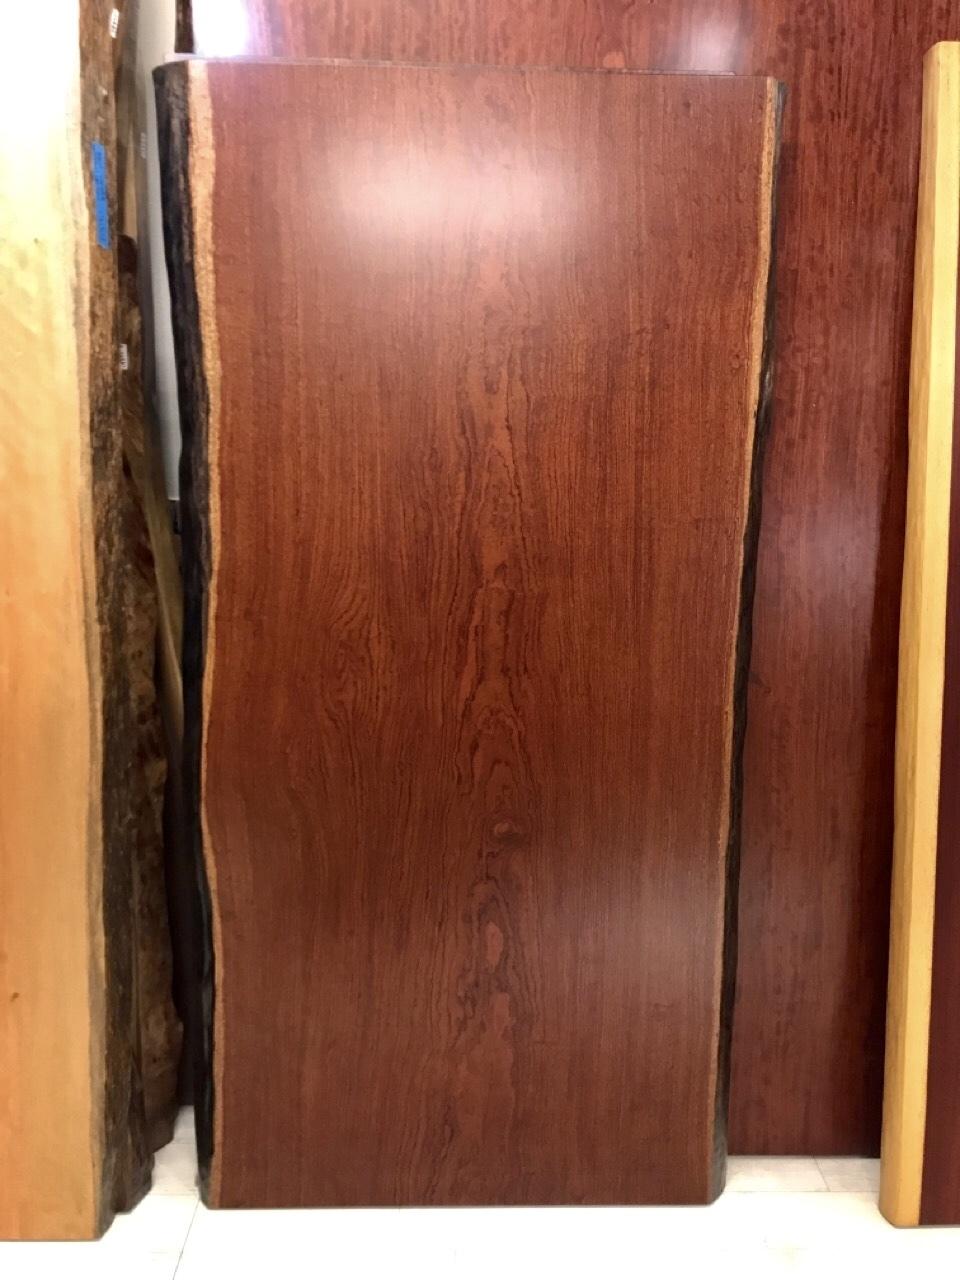 ≪浅草店≫ブビンガ 玉杢 一枚板 1680×780-815×50 20703-1